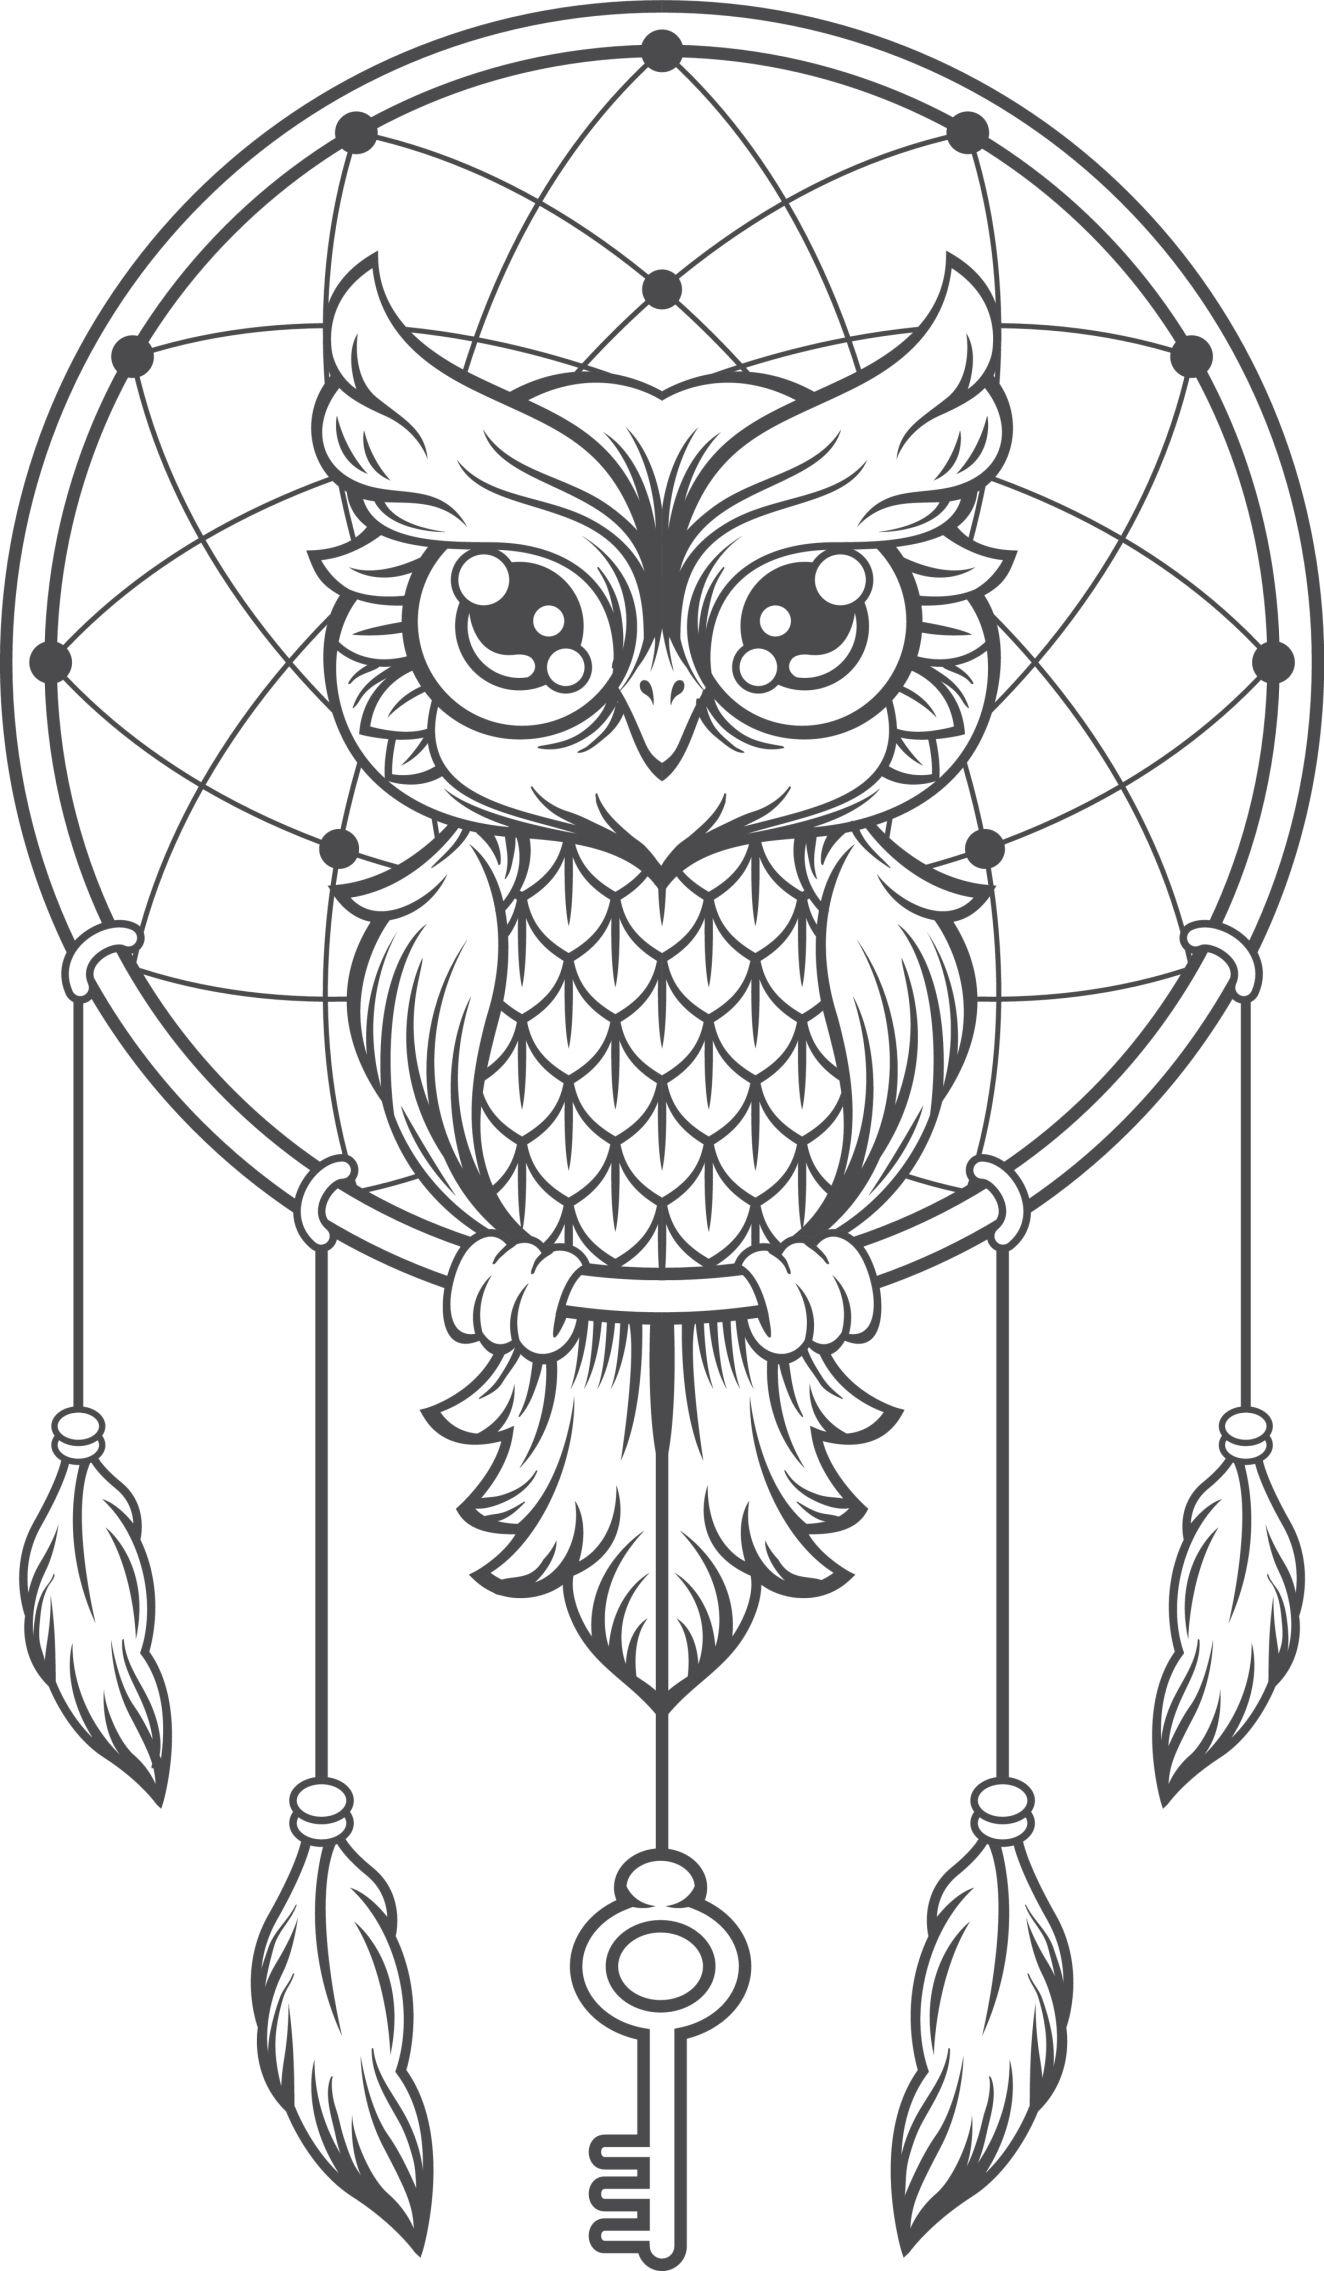 4 mandalas de animales para colorear e imprimir | Imagenes de ... Más